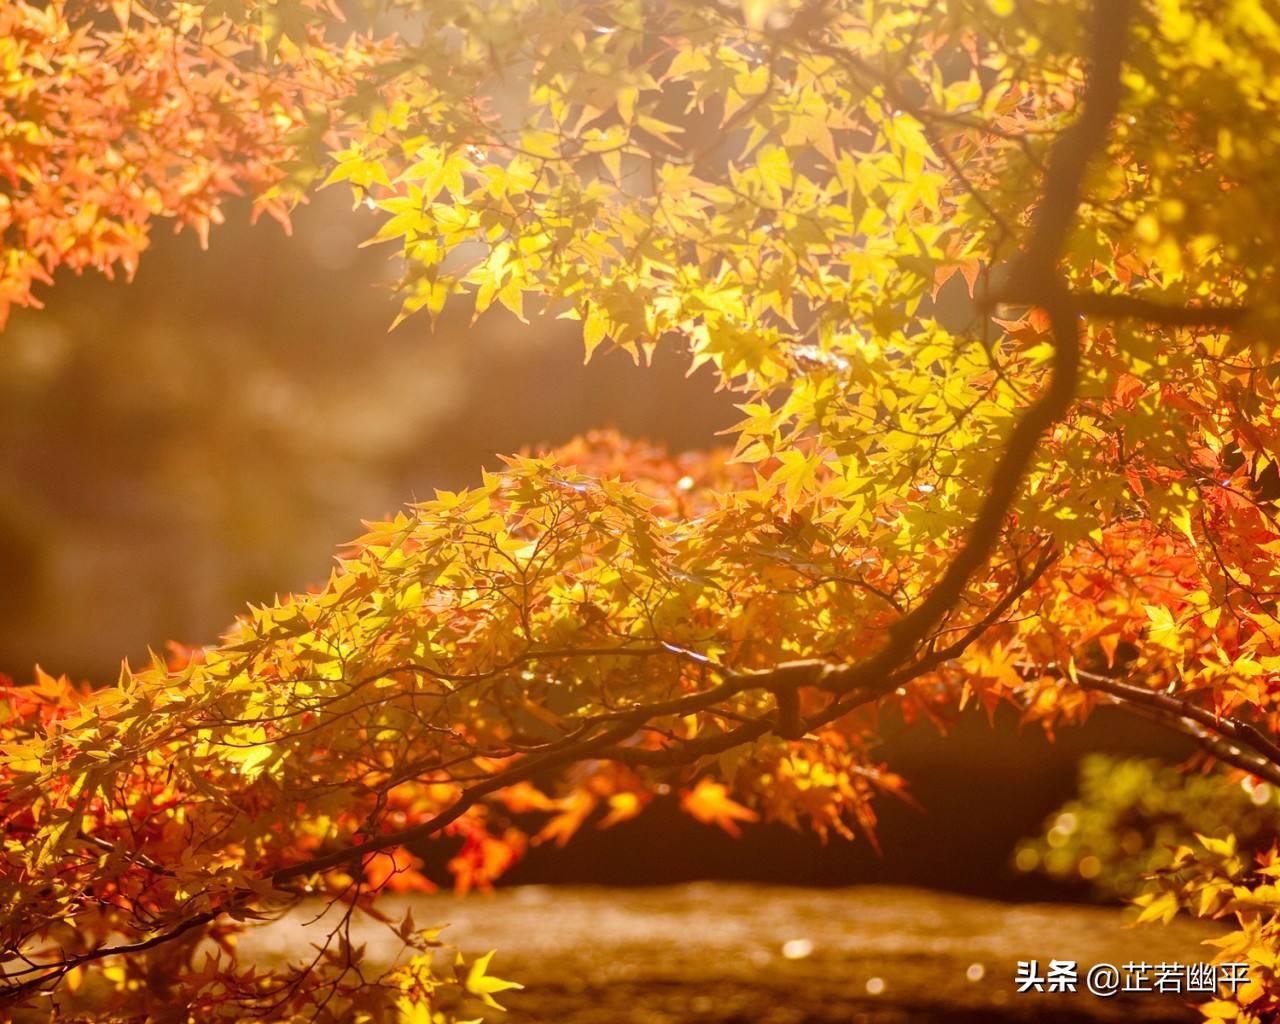 寒露 | 秋深岁月浸,露冷风霜凝